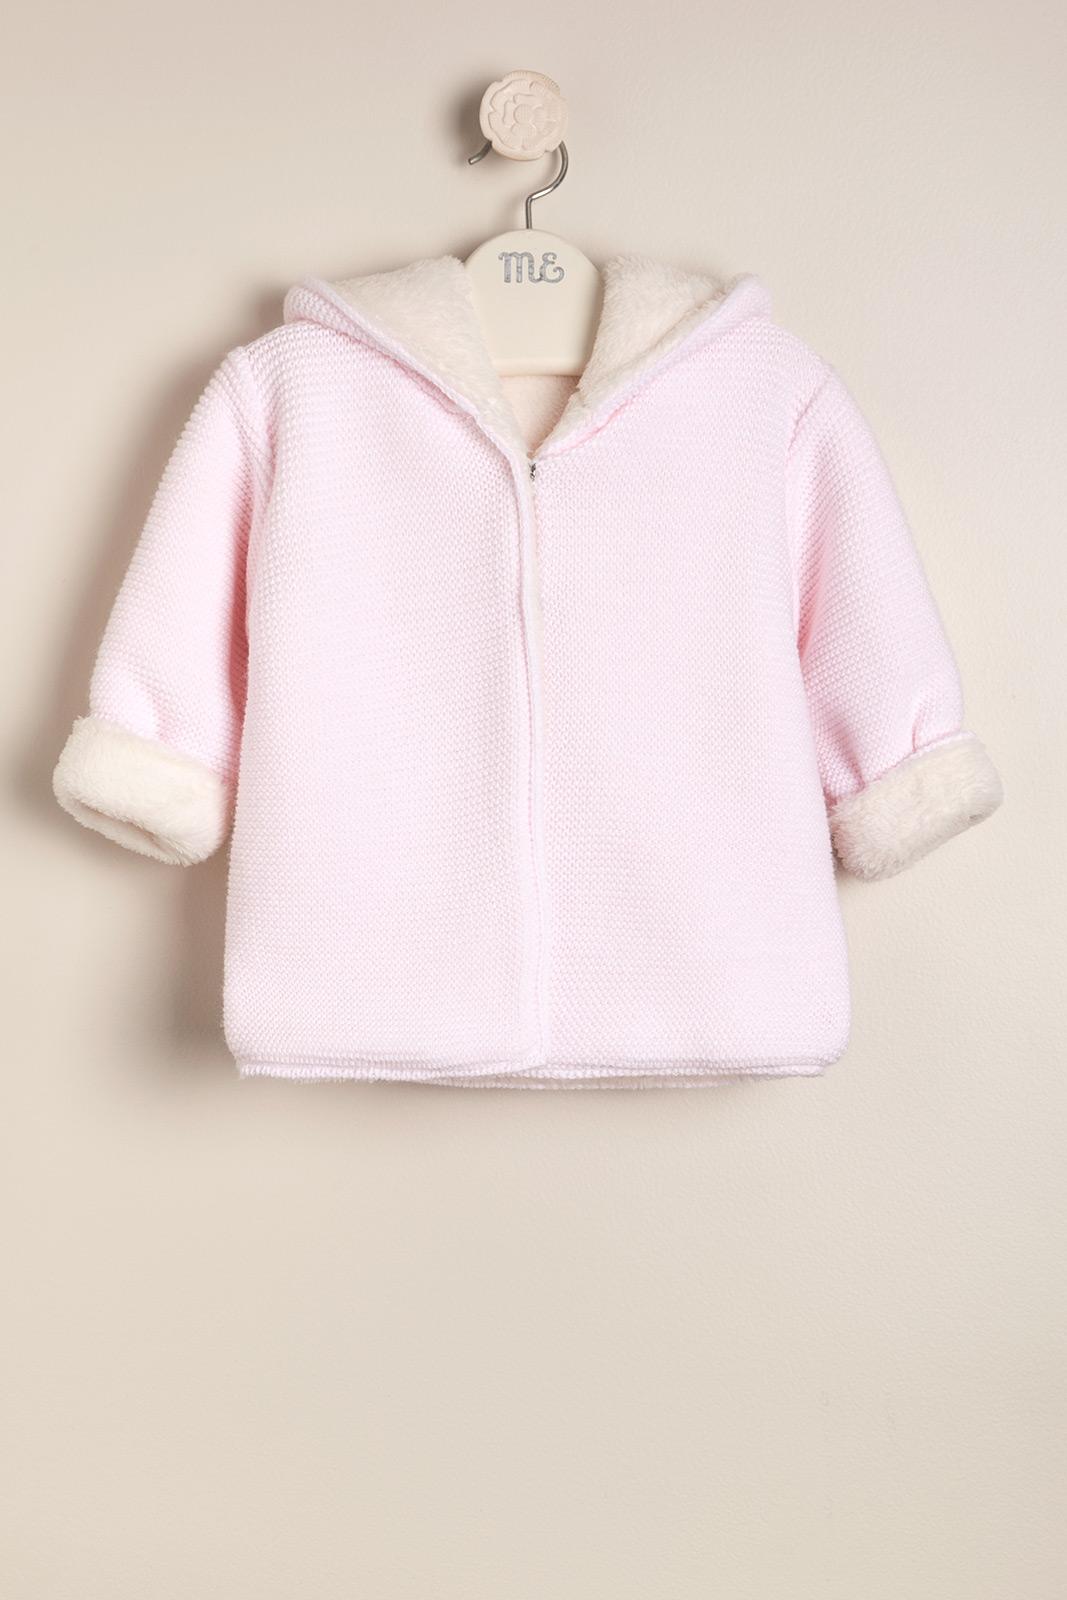 Campera tejida con pielcita rosa